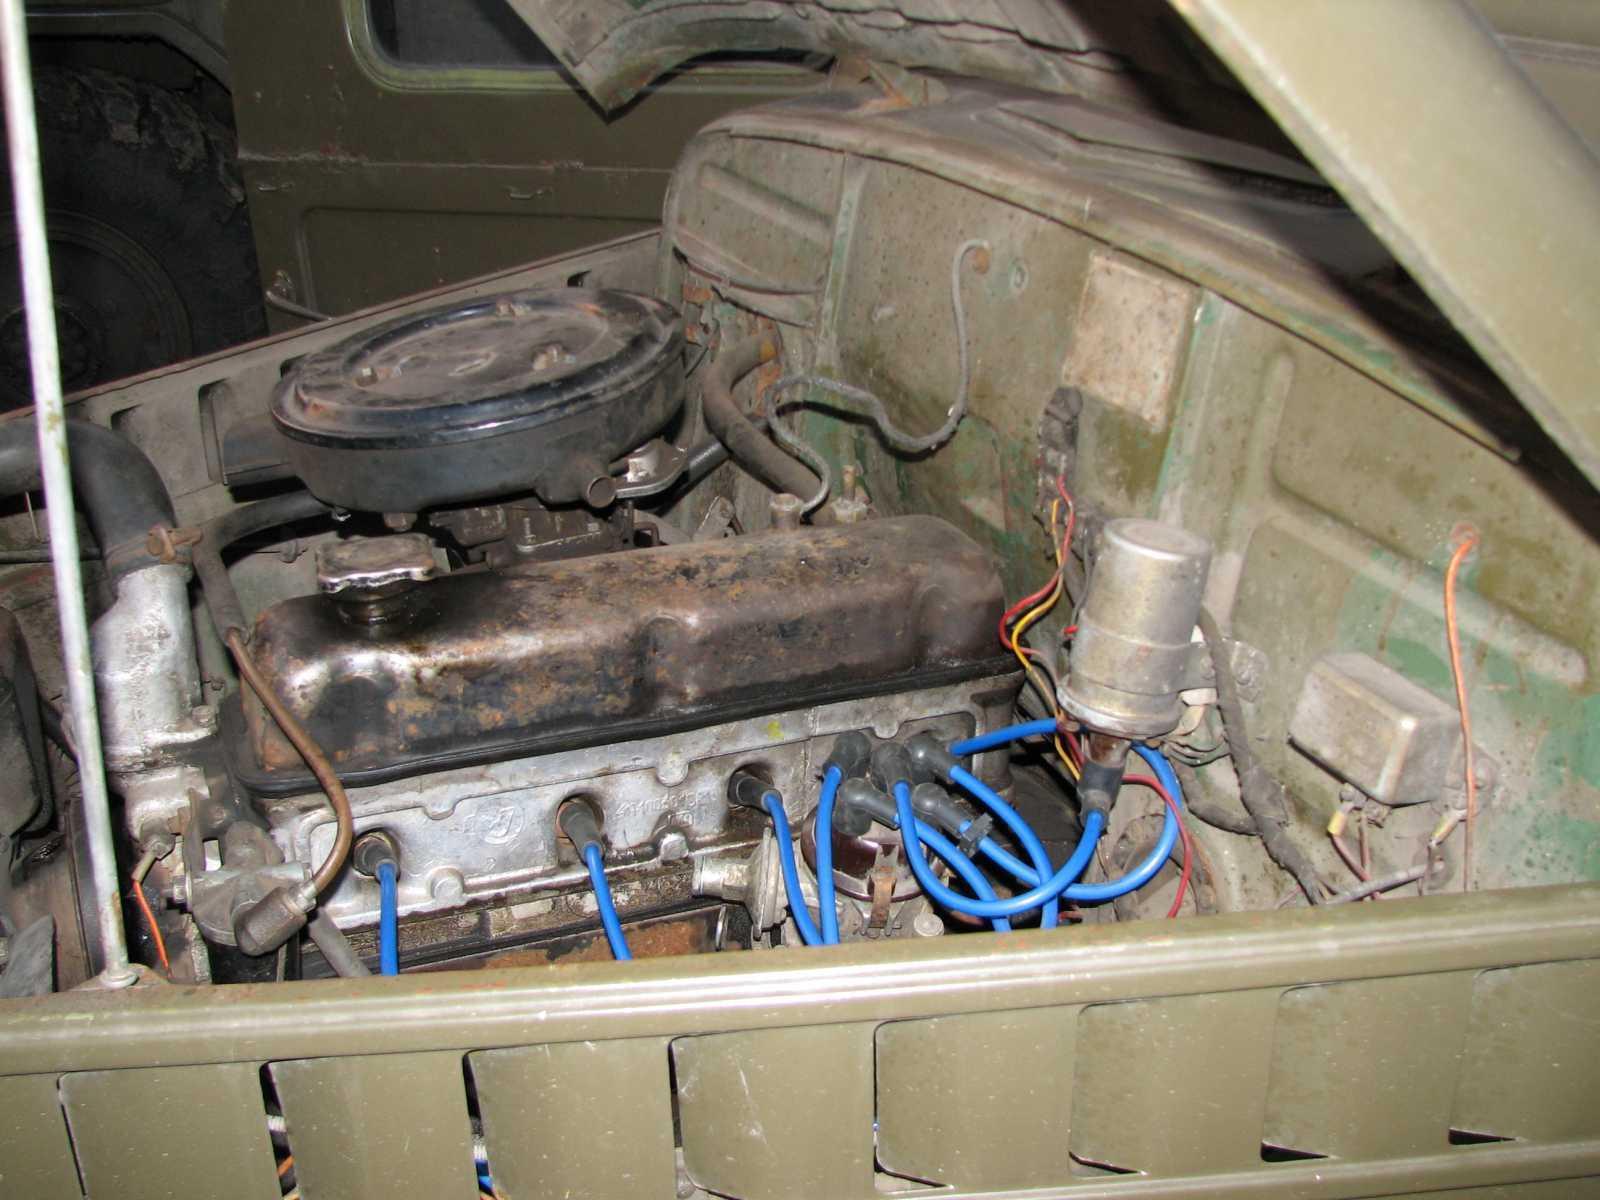 двигатель вроде 21й волги,когда гнал покупку-скорость выдал 95 км\ч